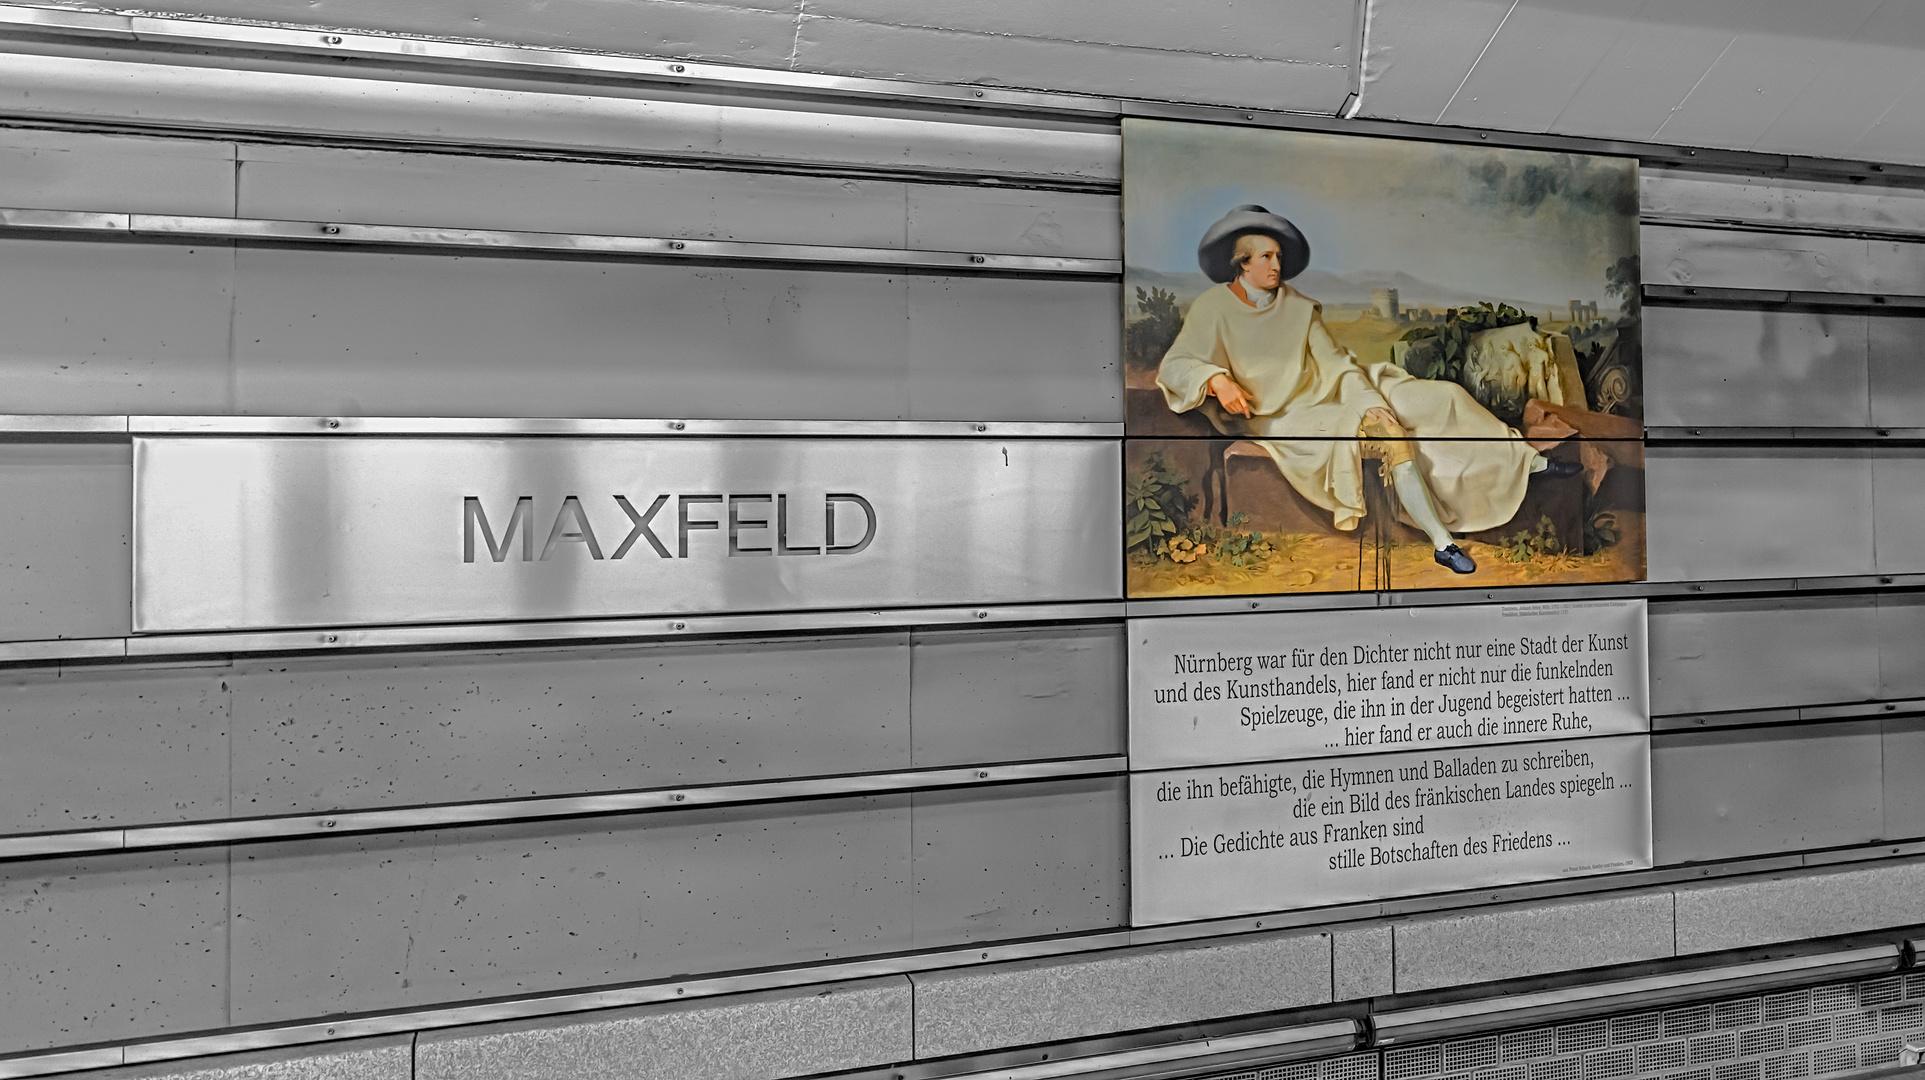 Nürnberg, Linie U3, Station 'Maxfeld'